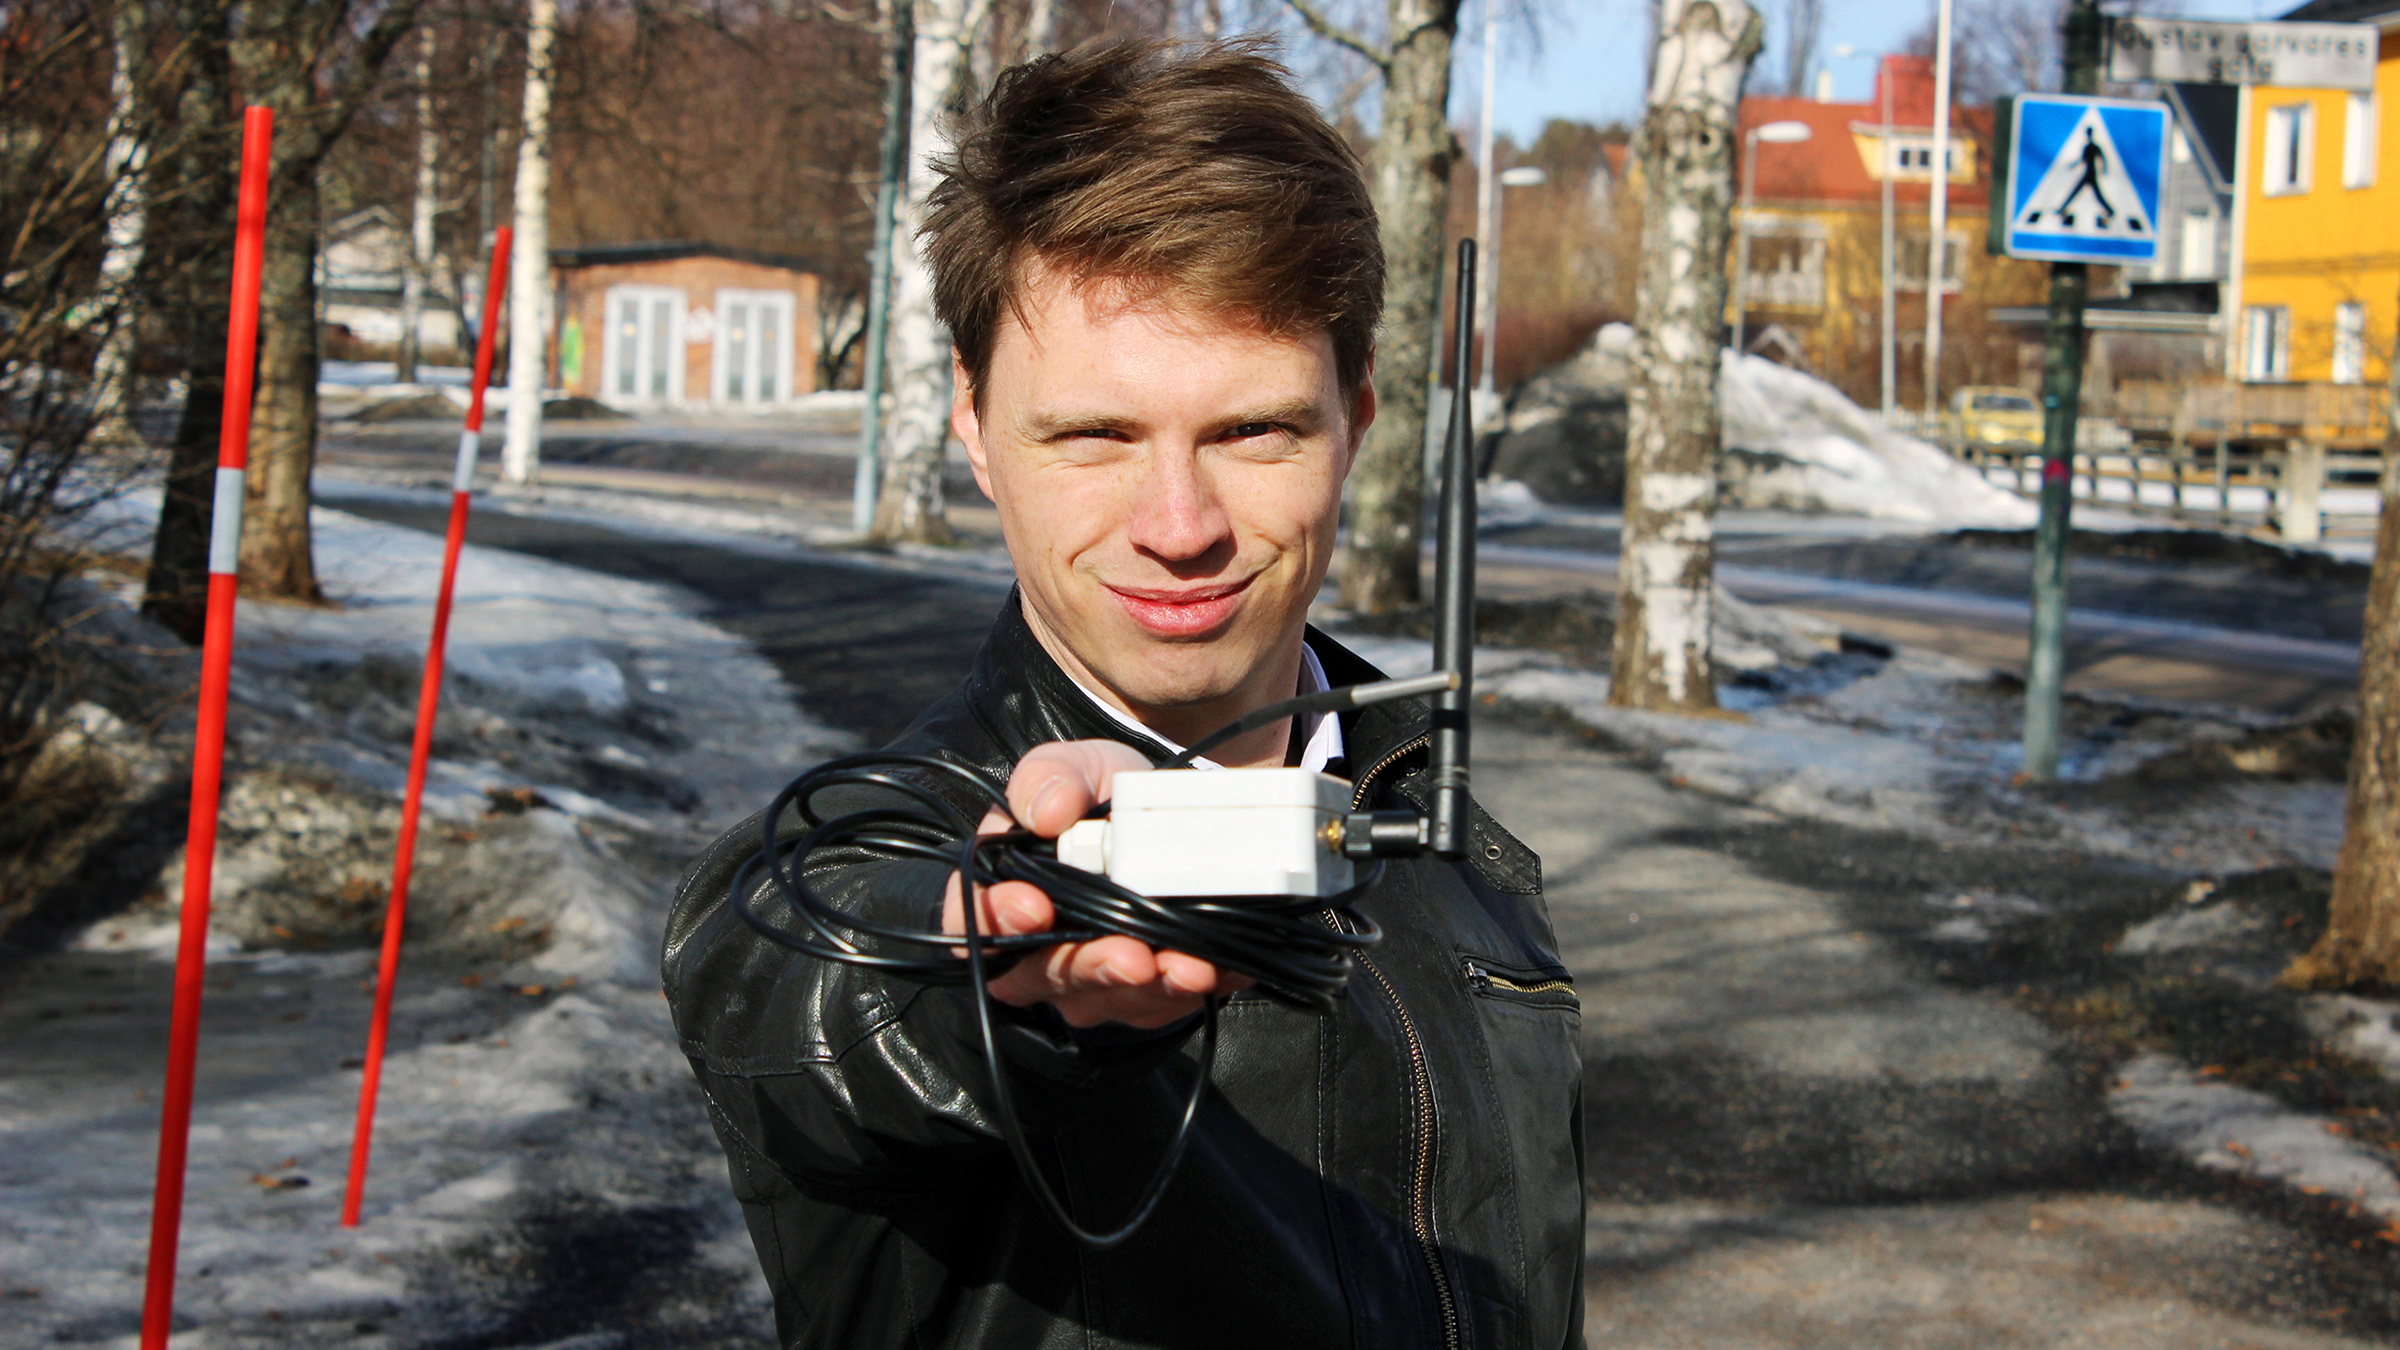 Fredrik Sahl, grundare av Flow Below, har utvecklat ett system med sensorer som känner av inläckage i avloppsrör i marken.